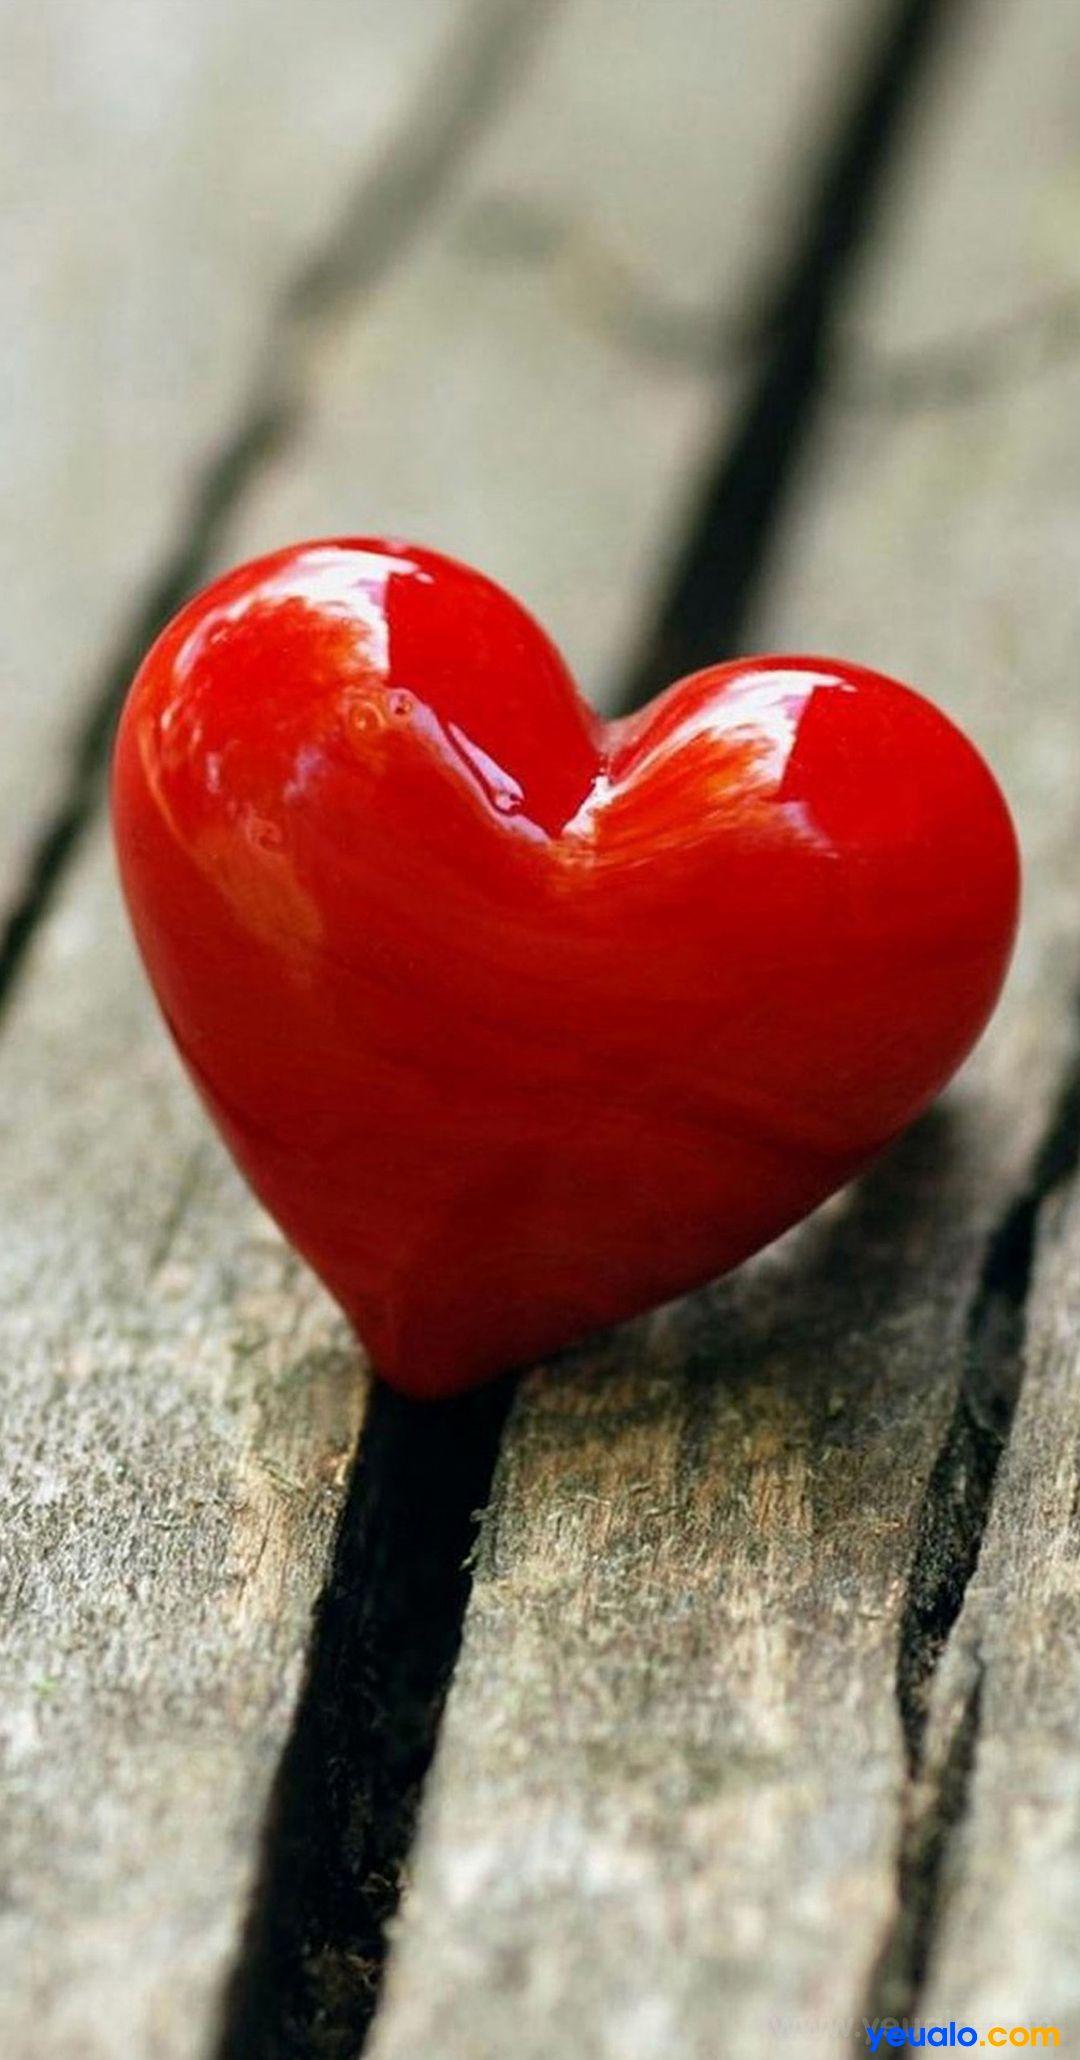 Hình nền điện thoại hình trái tim đẹp 18